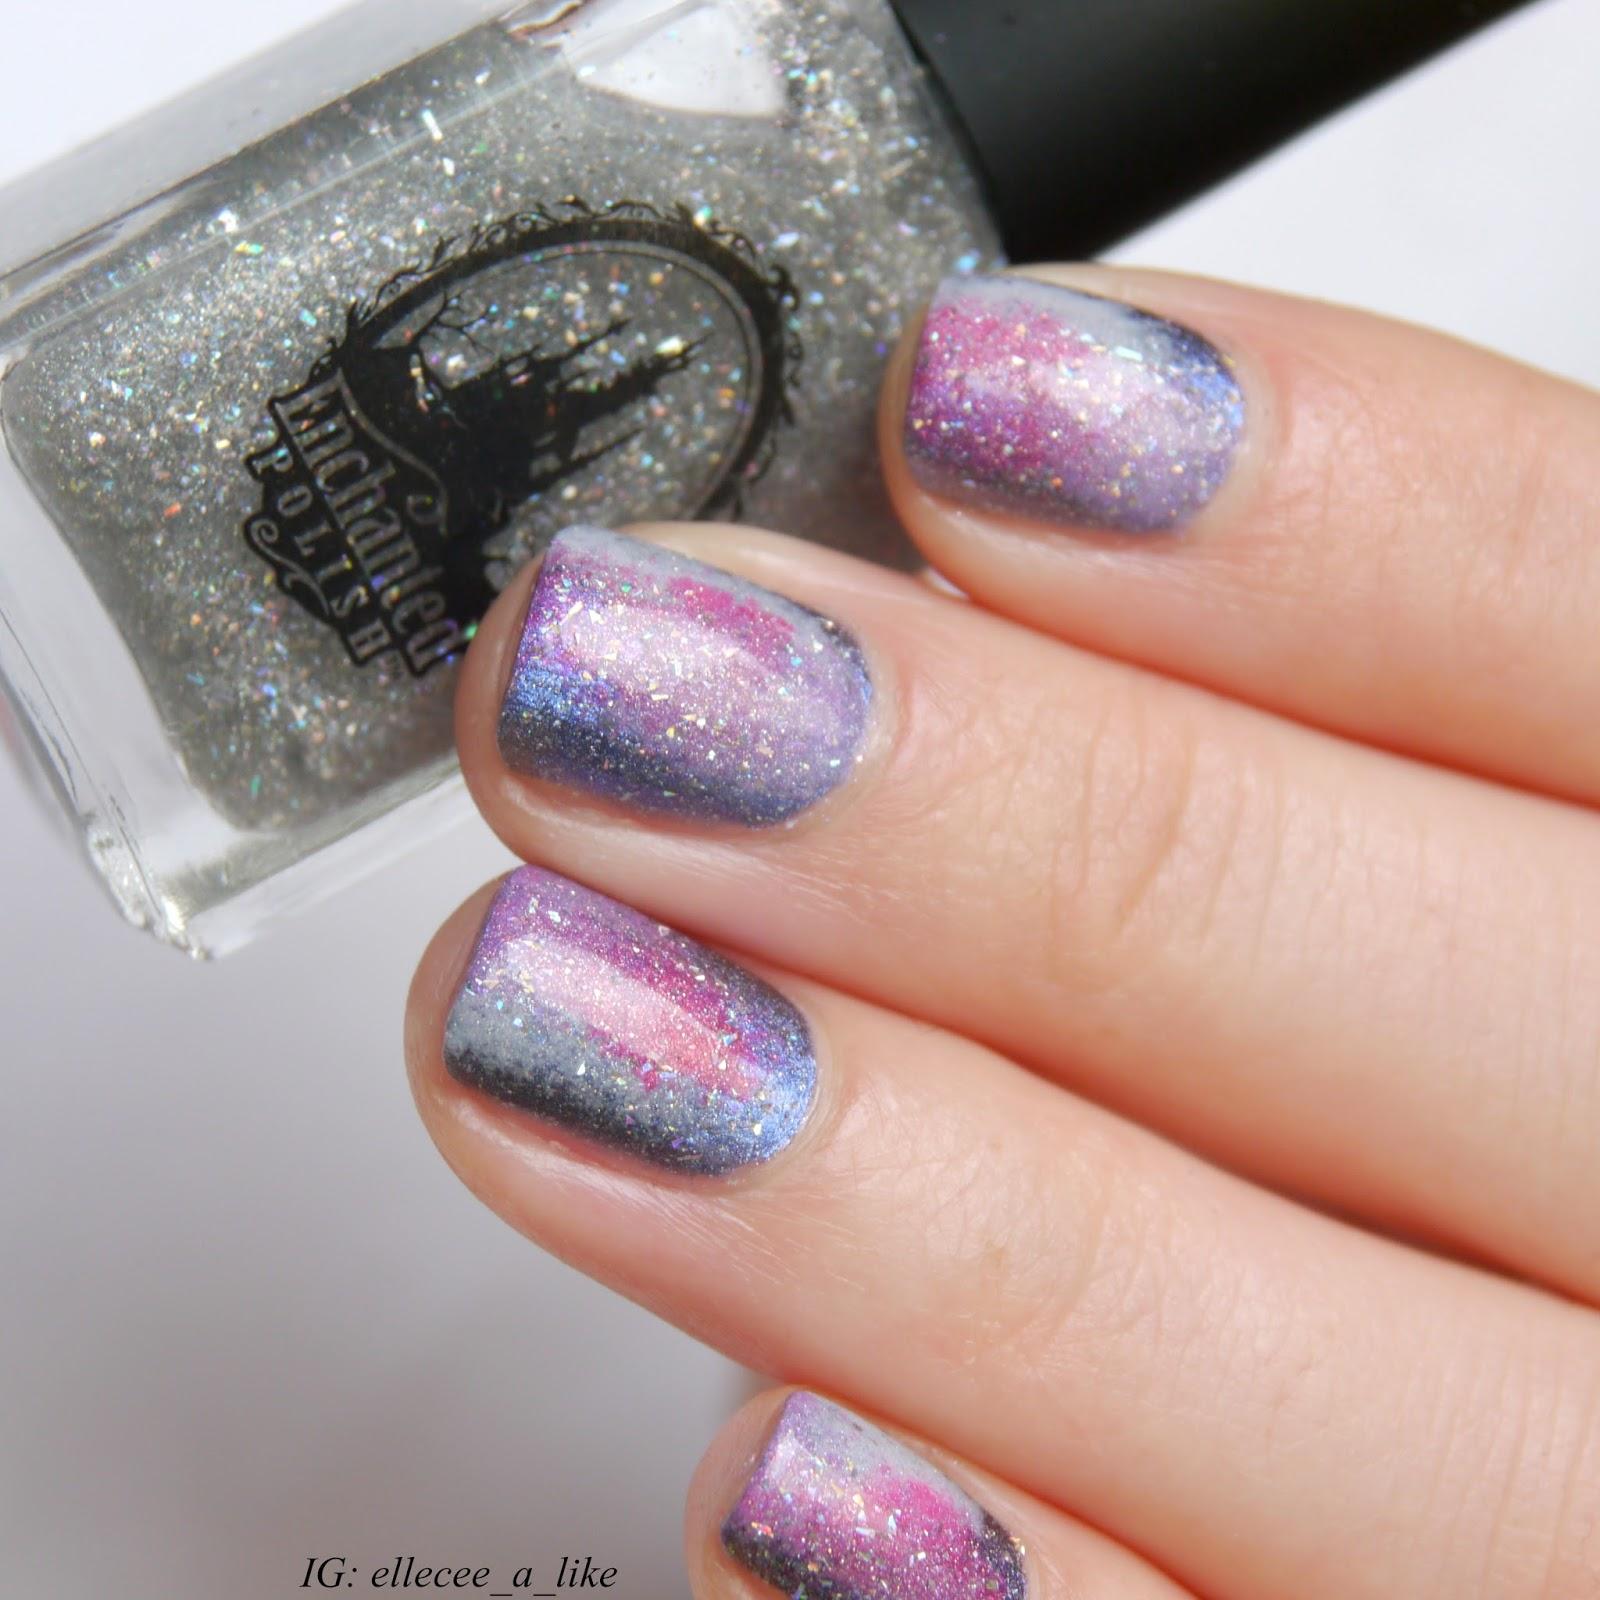 lack-a-like: Gemeinsam in die Woche | Galaxy Nails ☆